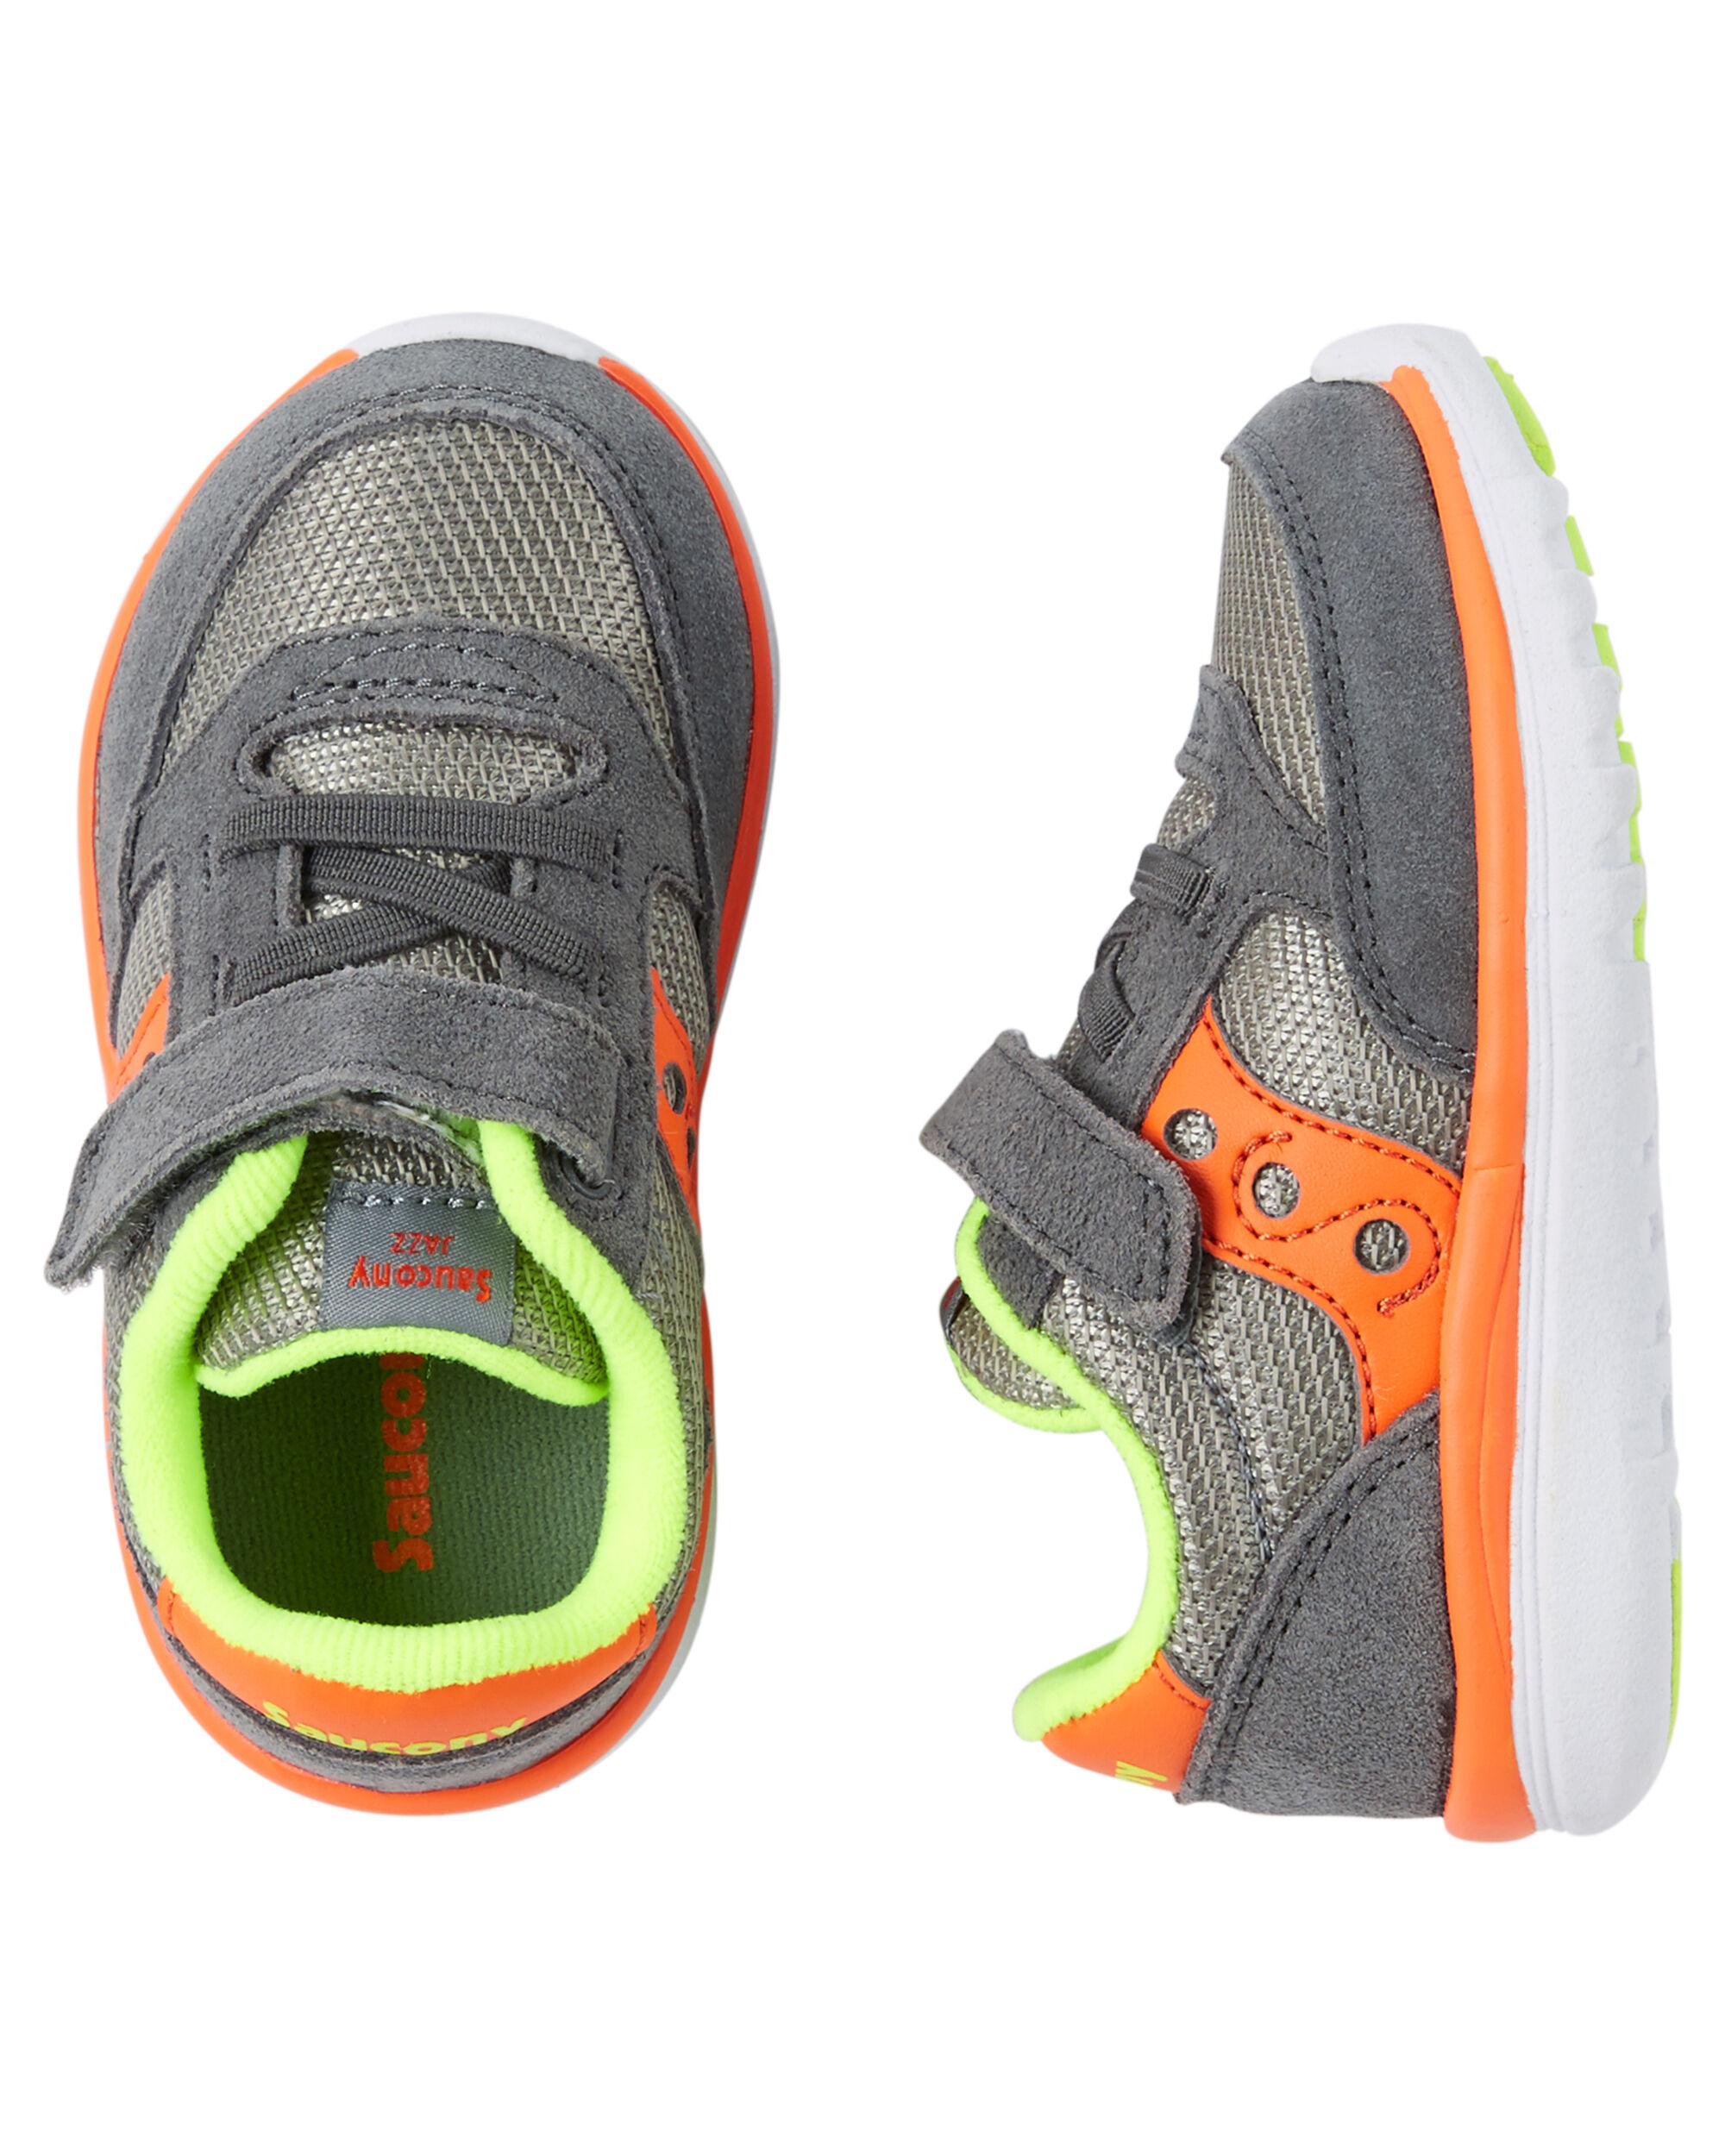 c73827dce3f0 Images. Saucony Jazz Lite Sneaker